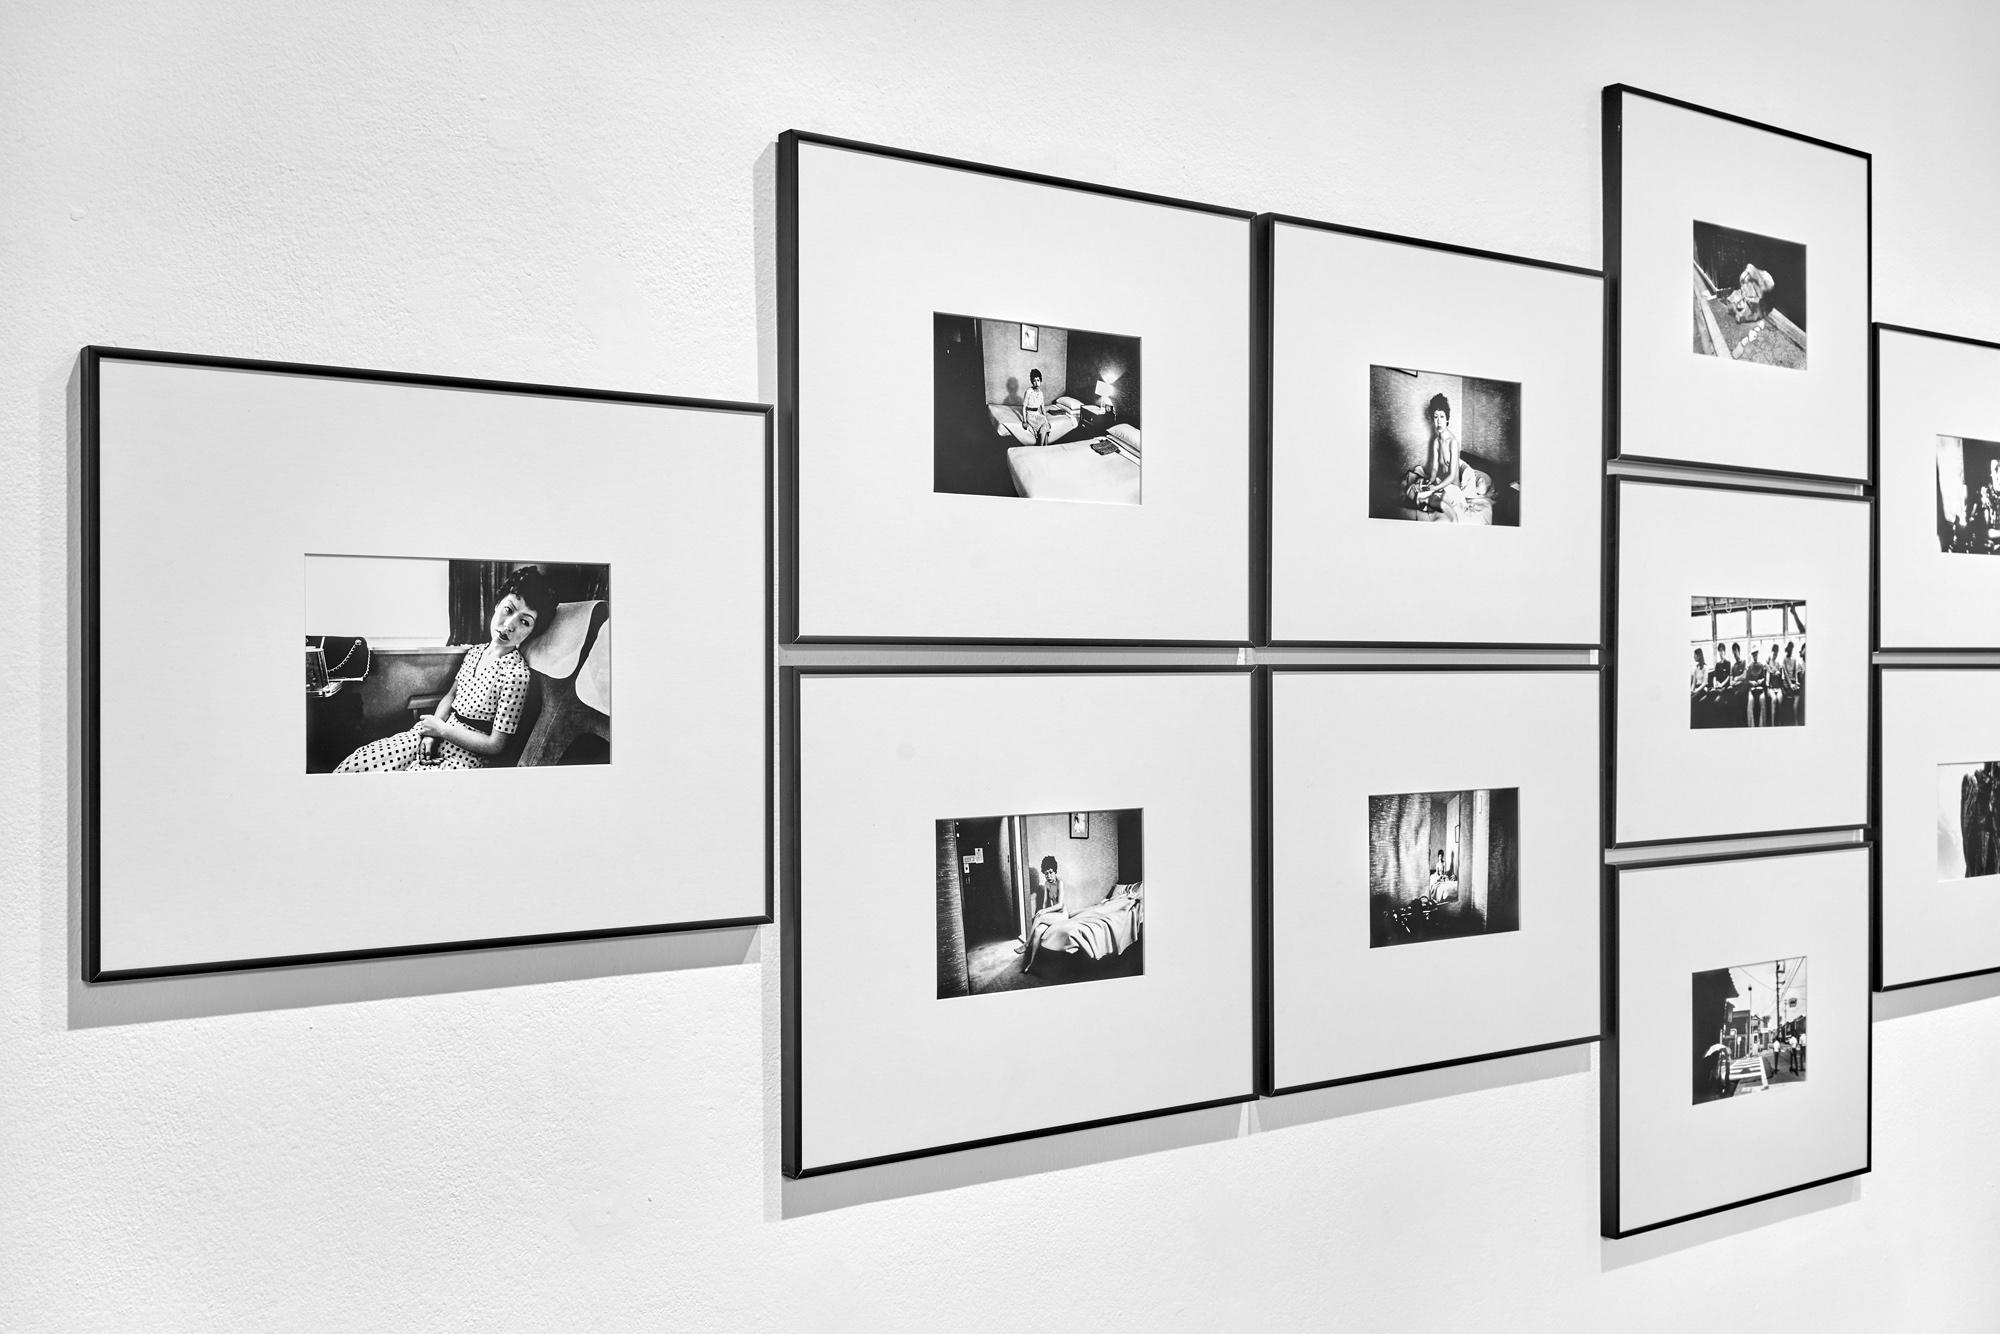 Enteriőrkép Nobuyoshi Araki: Érzelmes utazás című kiállításunkról<br />Fotó: Kiss Imre